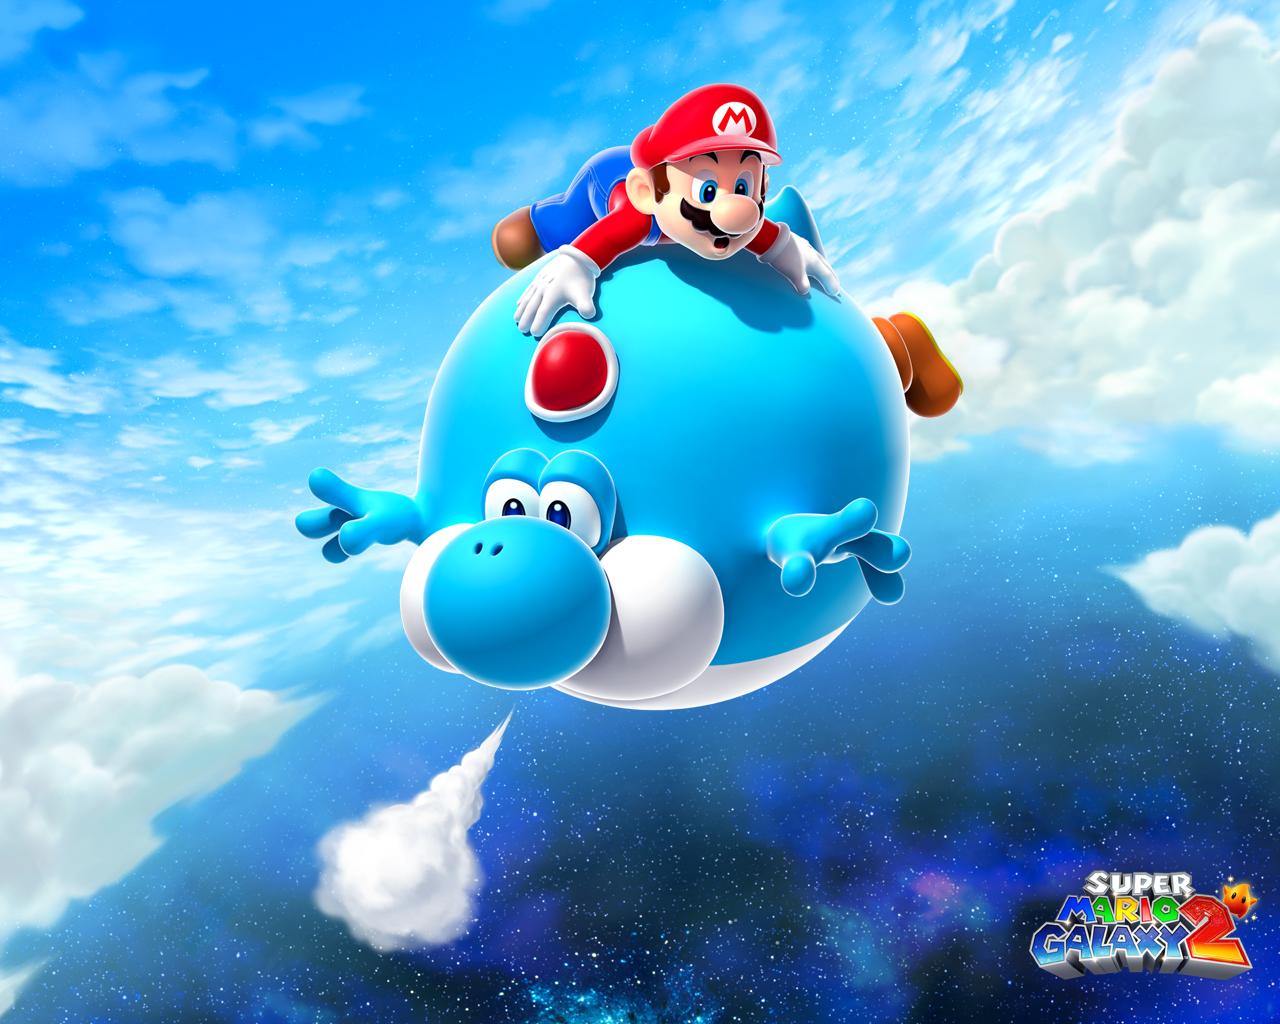 Super Mario Galaxy Wallpaper: Super Mario Galaxy